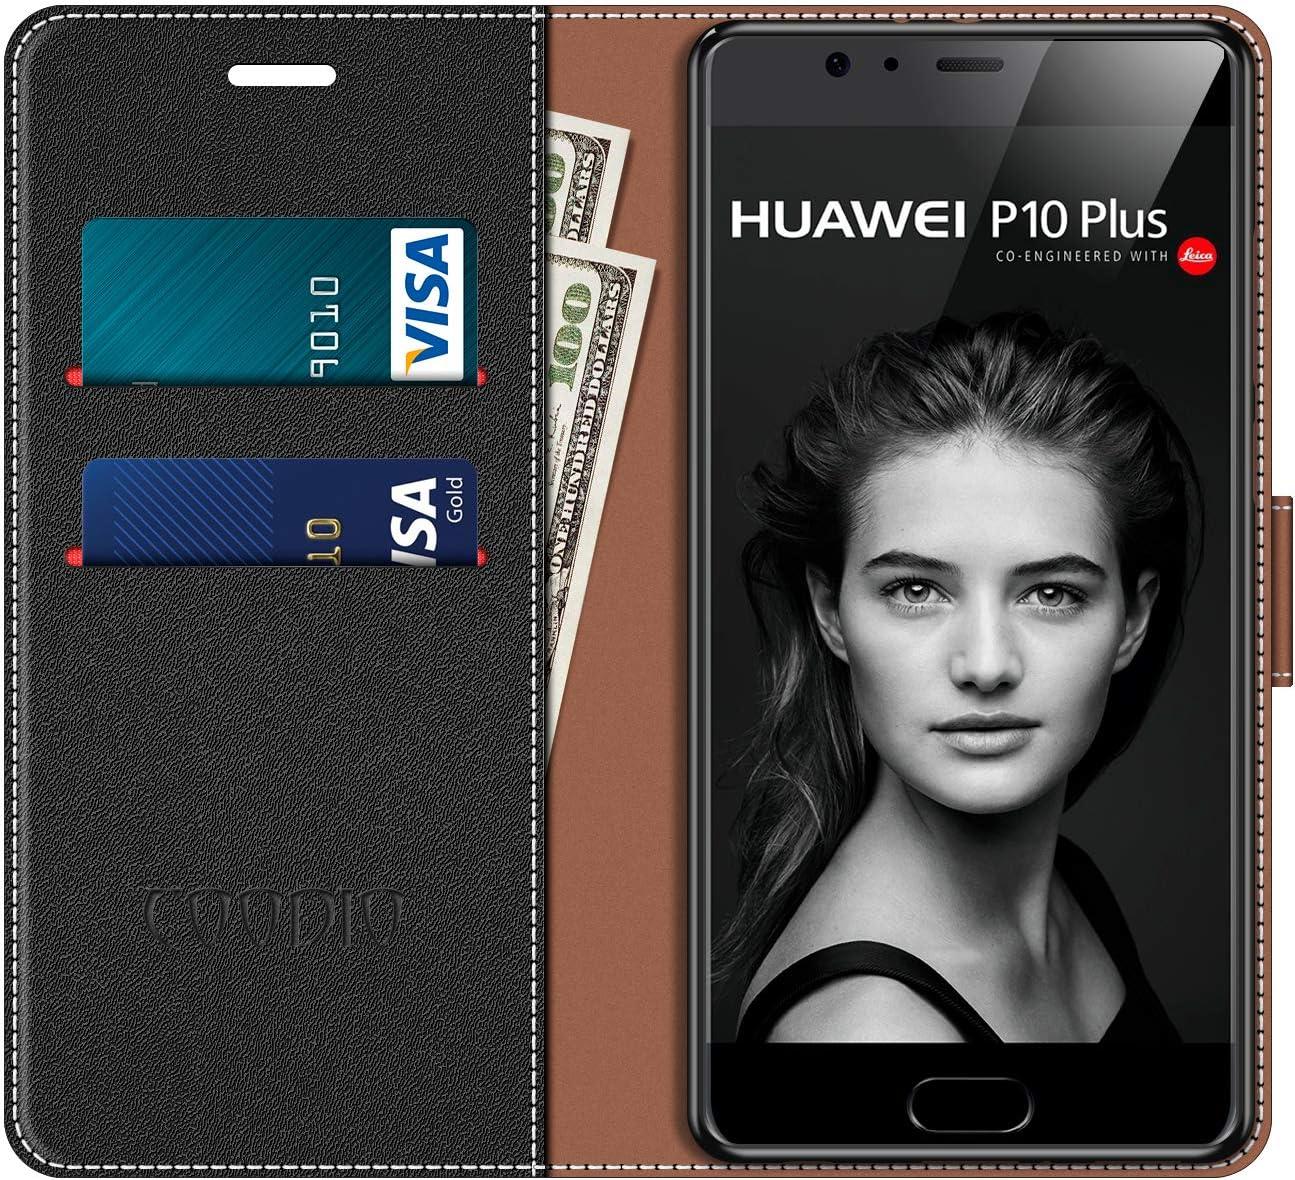 COODIO Funda Huawei P10 Plus con Tapa, Funda Movil Huawei P10 Plus ...